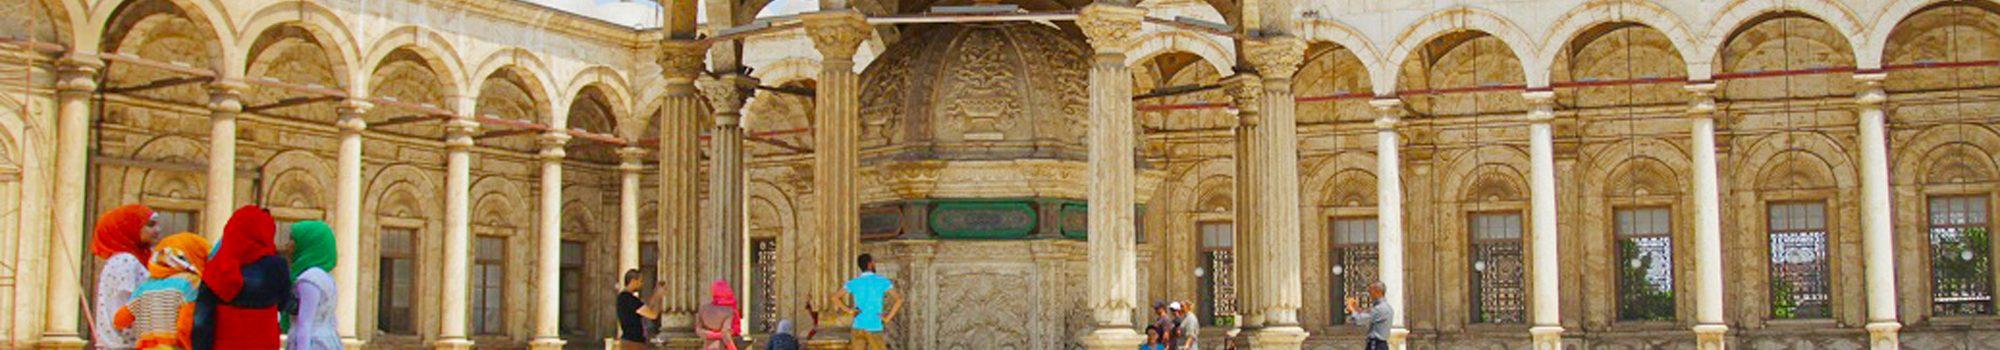 Islamic Landmarks in Egypt